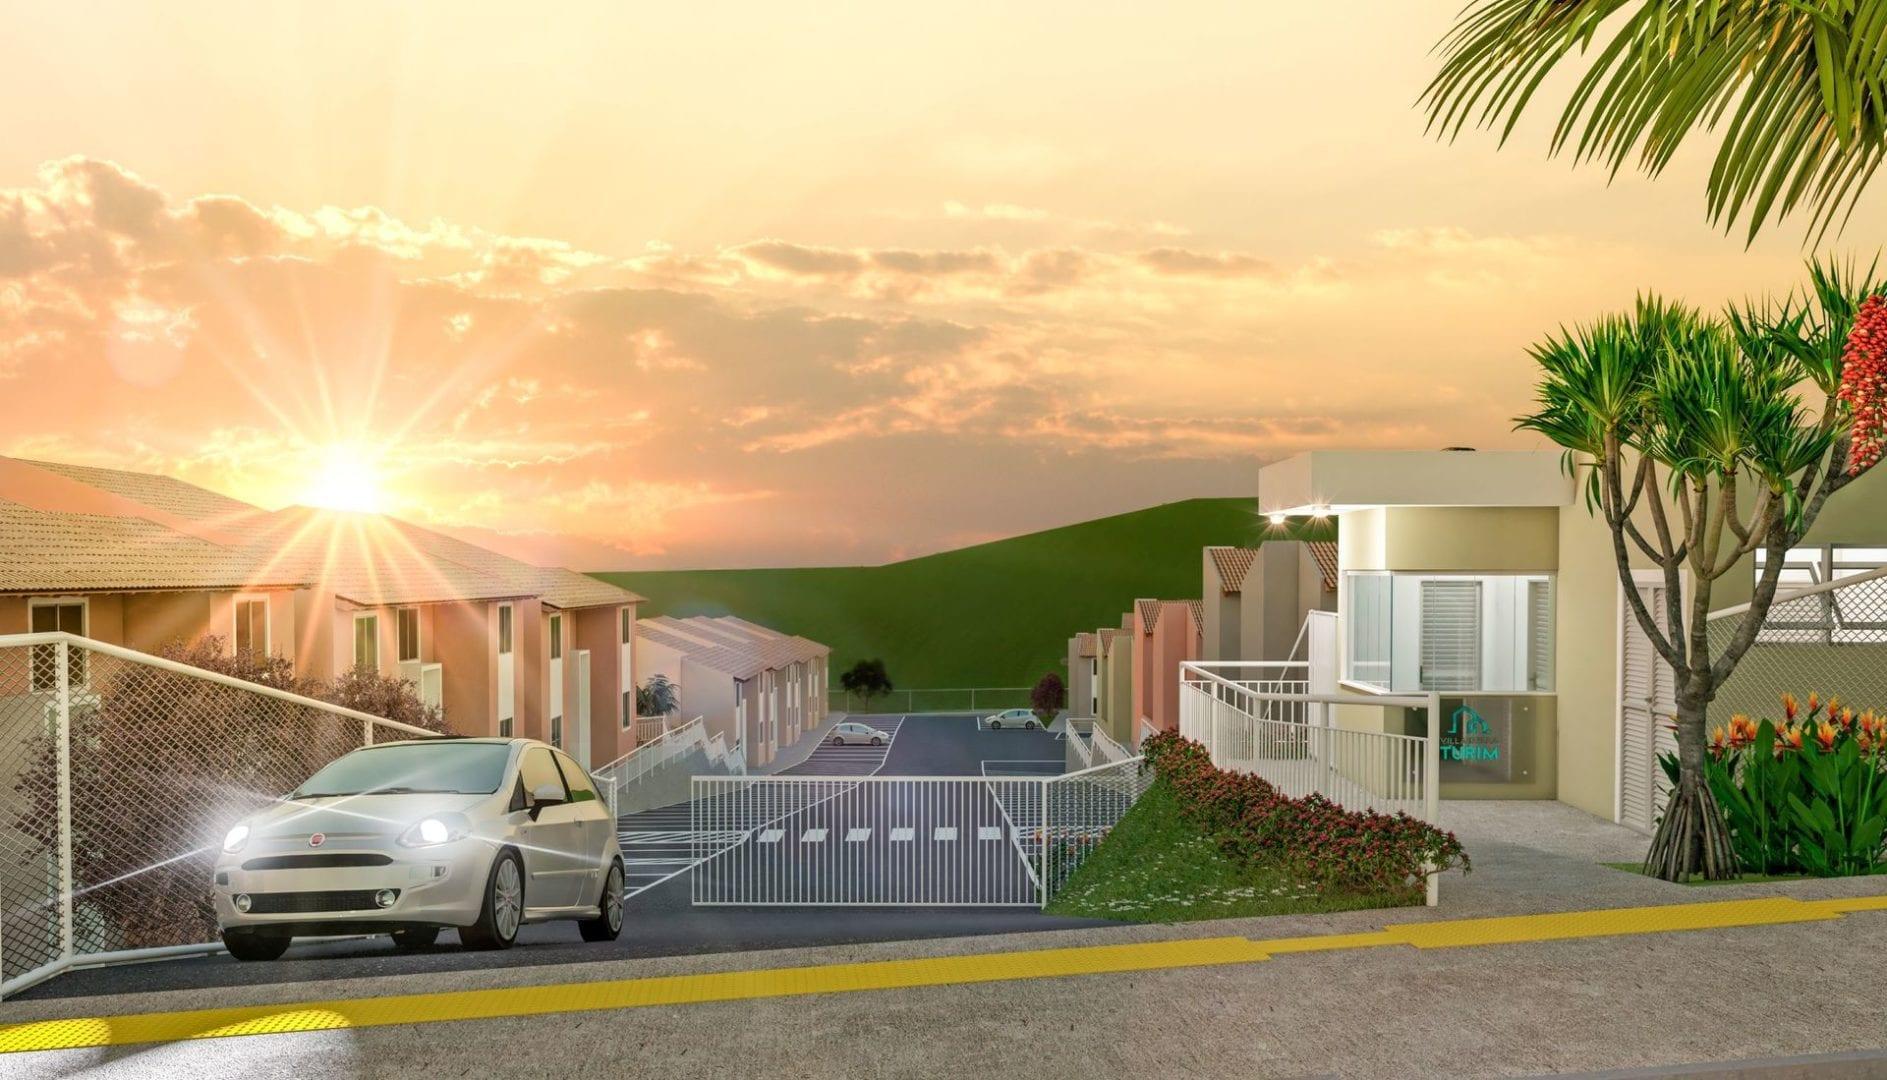 vic-engenharia-villa-bella-turim-acesso